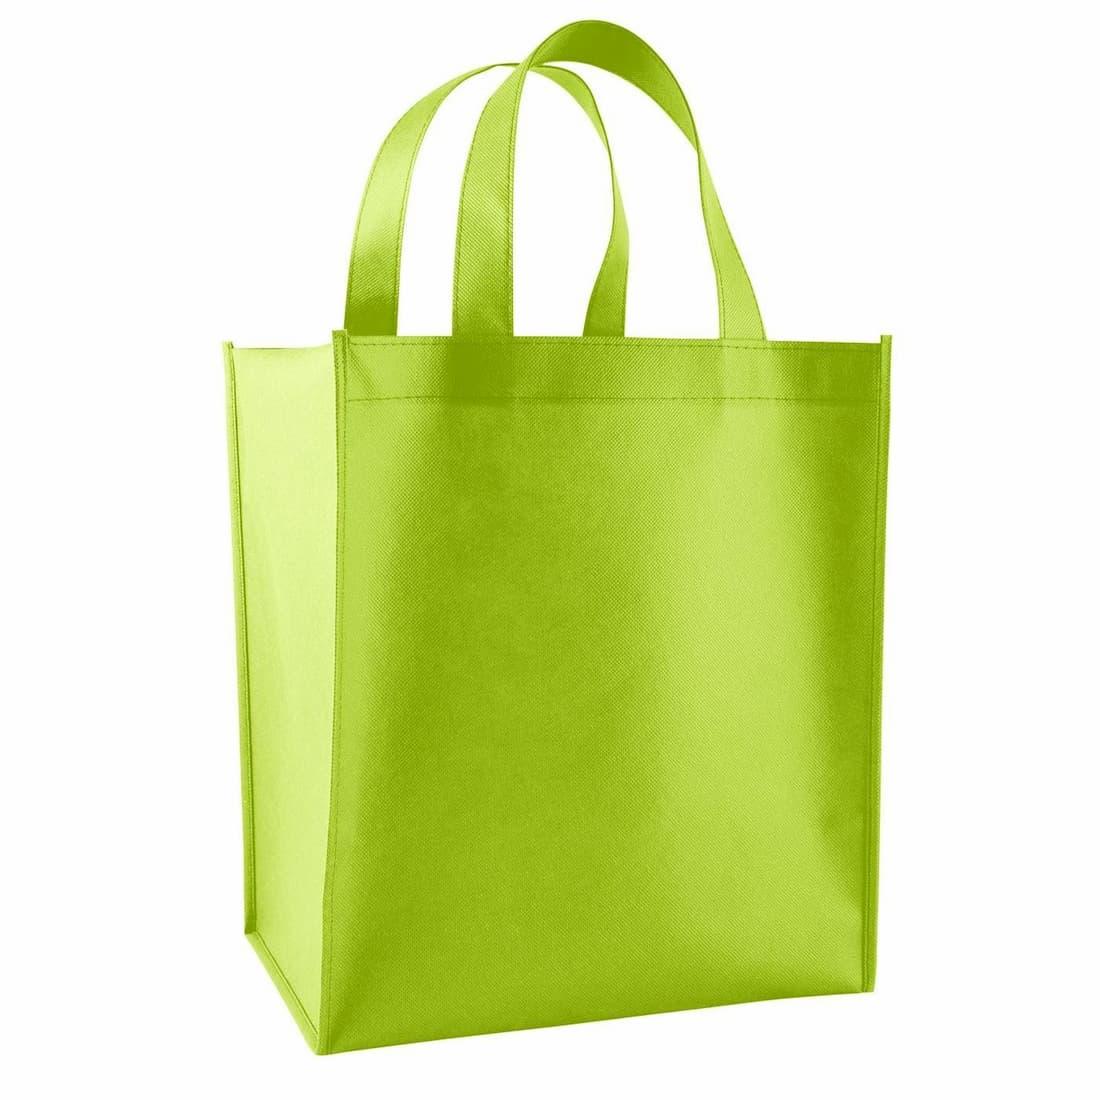 Túi vải không dệt giá rẻ